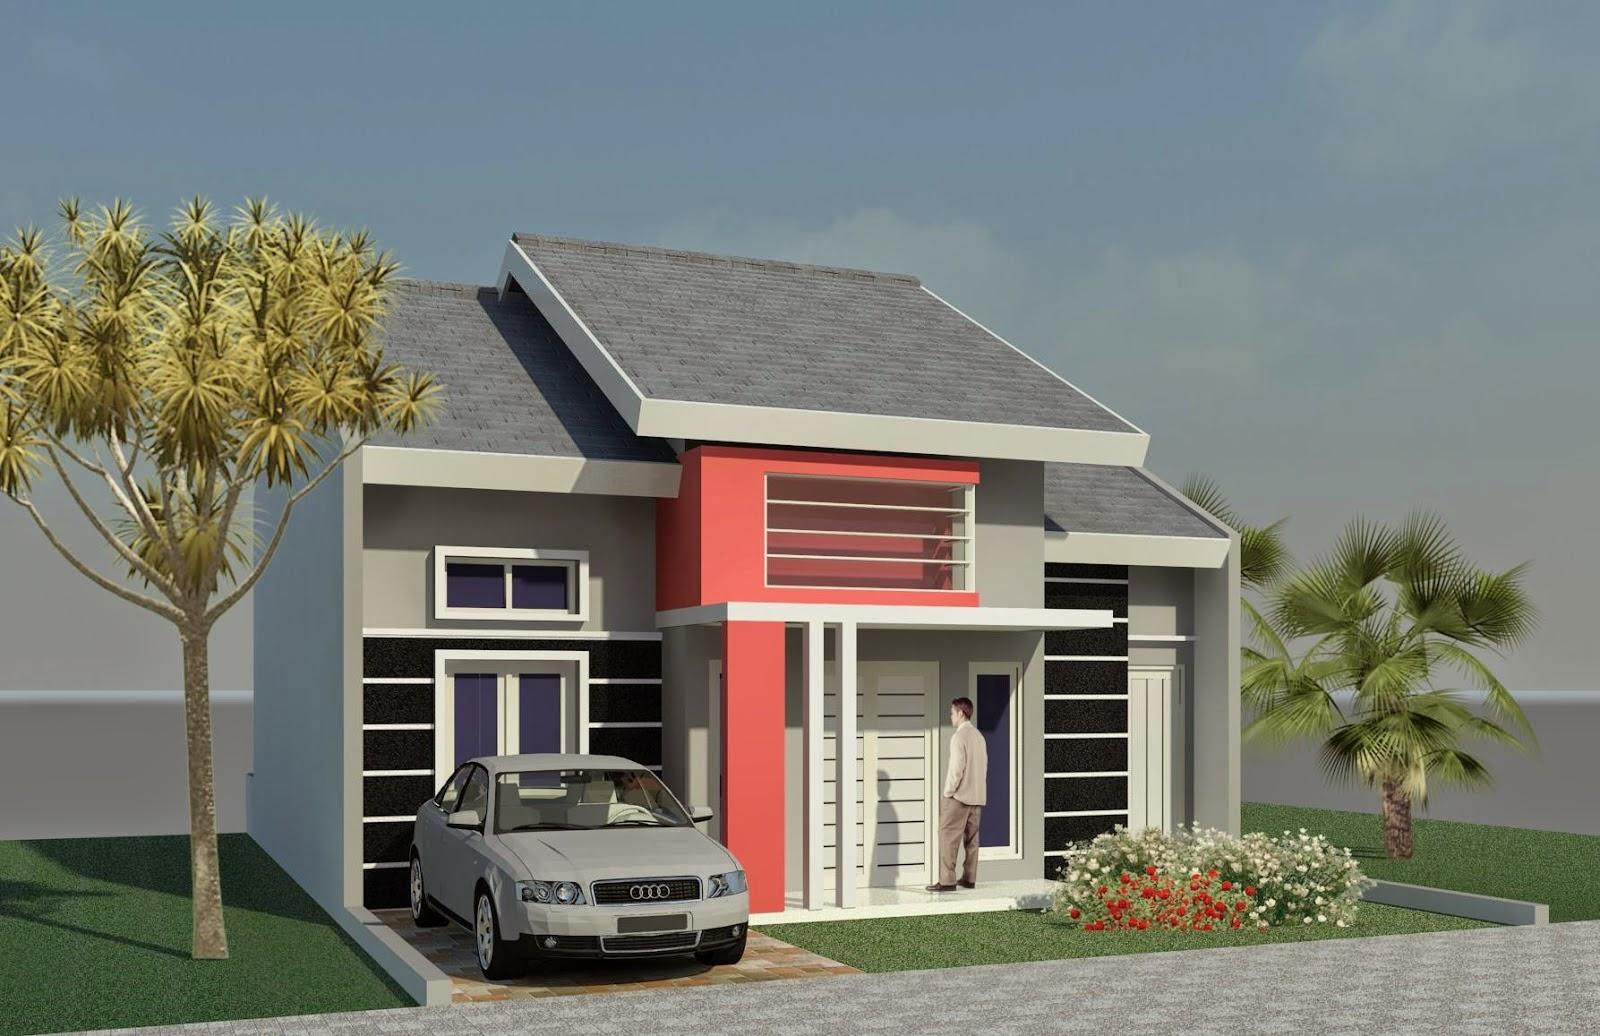 Gambar Desain Model Rumah Minimalis Sederhana Type 21 ...